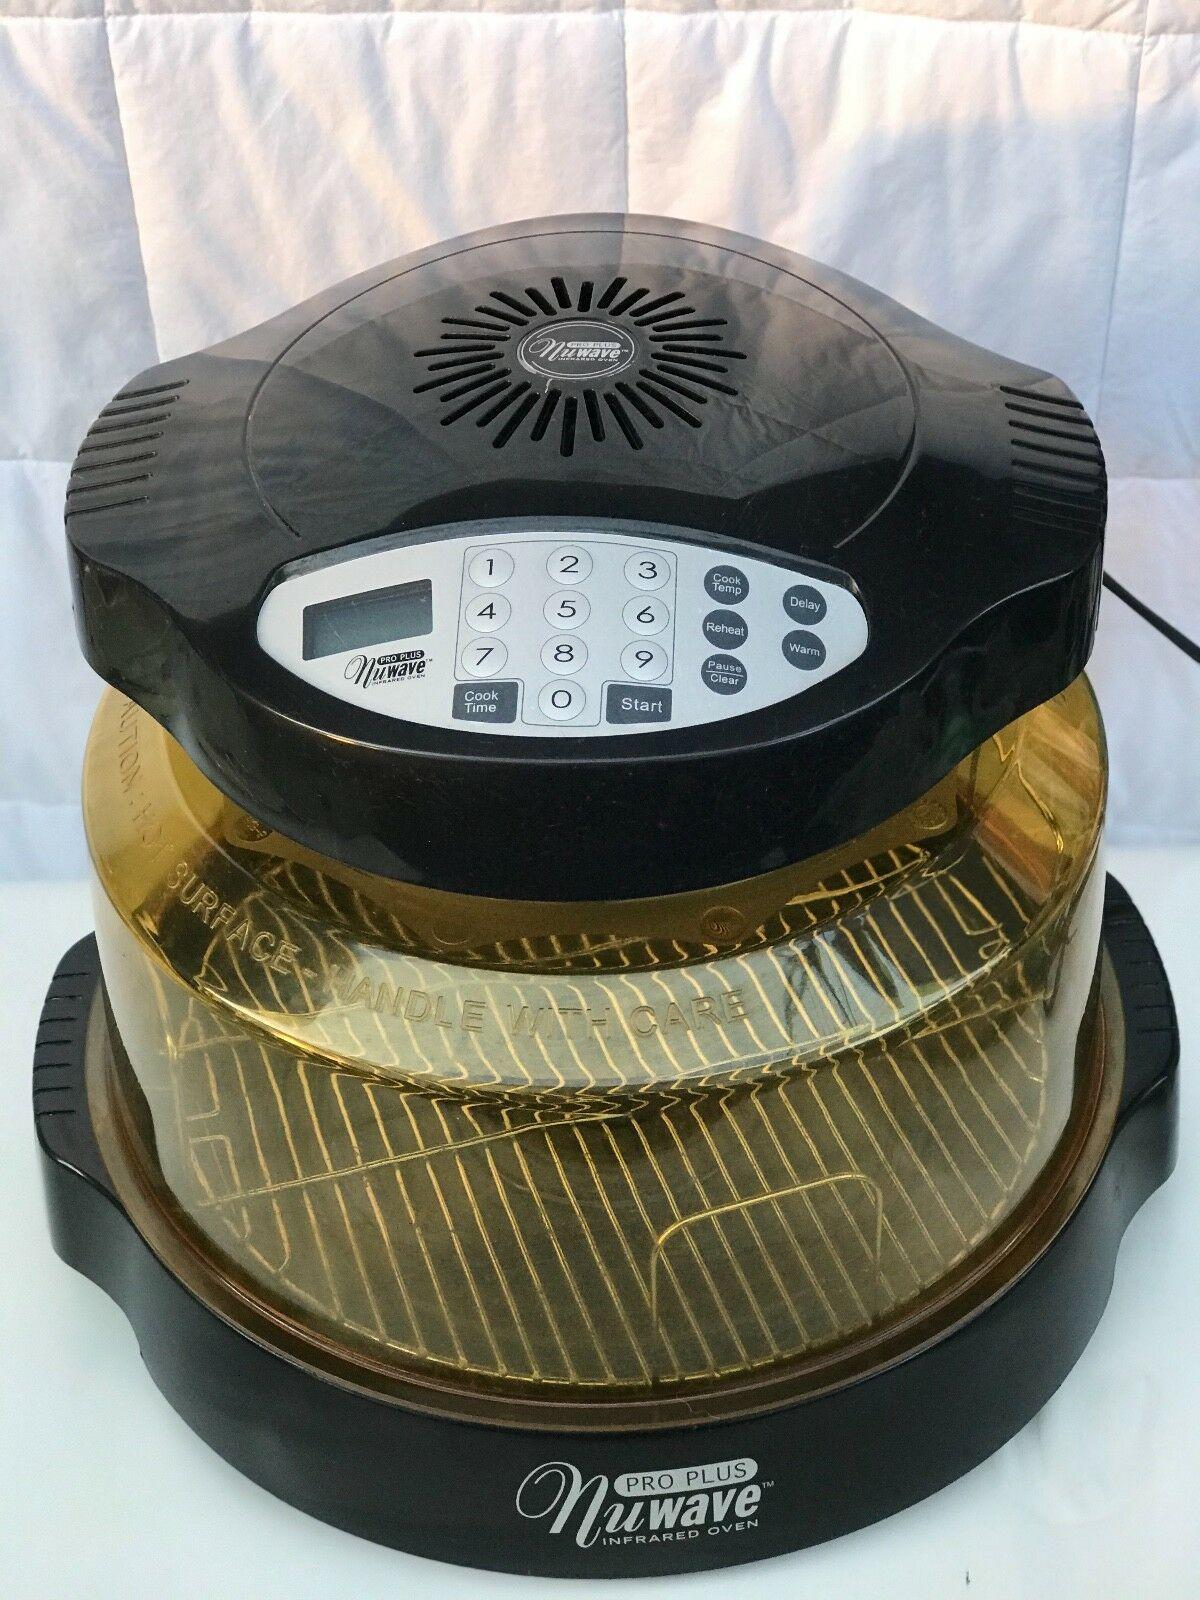 Nuwave Oven Pro Model# 20601-Nuwave Pro Plus Infrared Oven ...